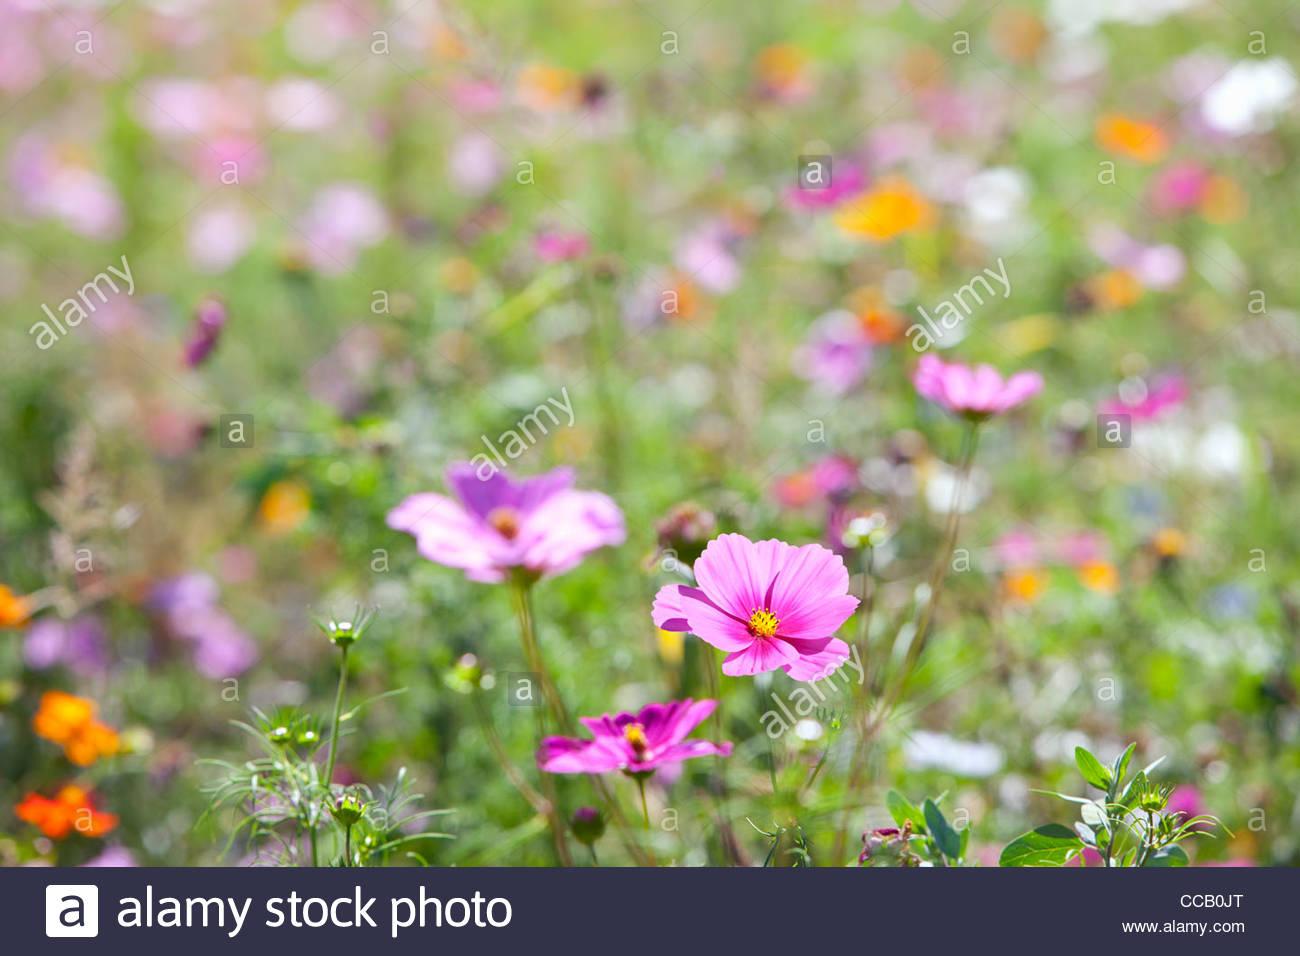 Pink blooming flowers in field of wildflowers - Stock Image